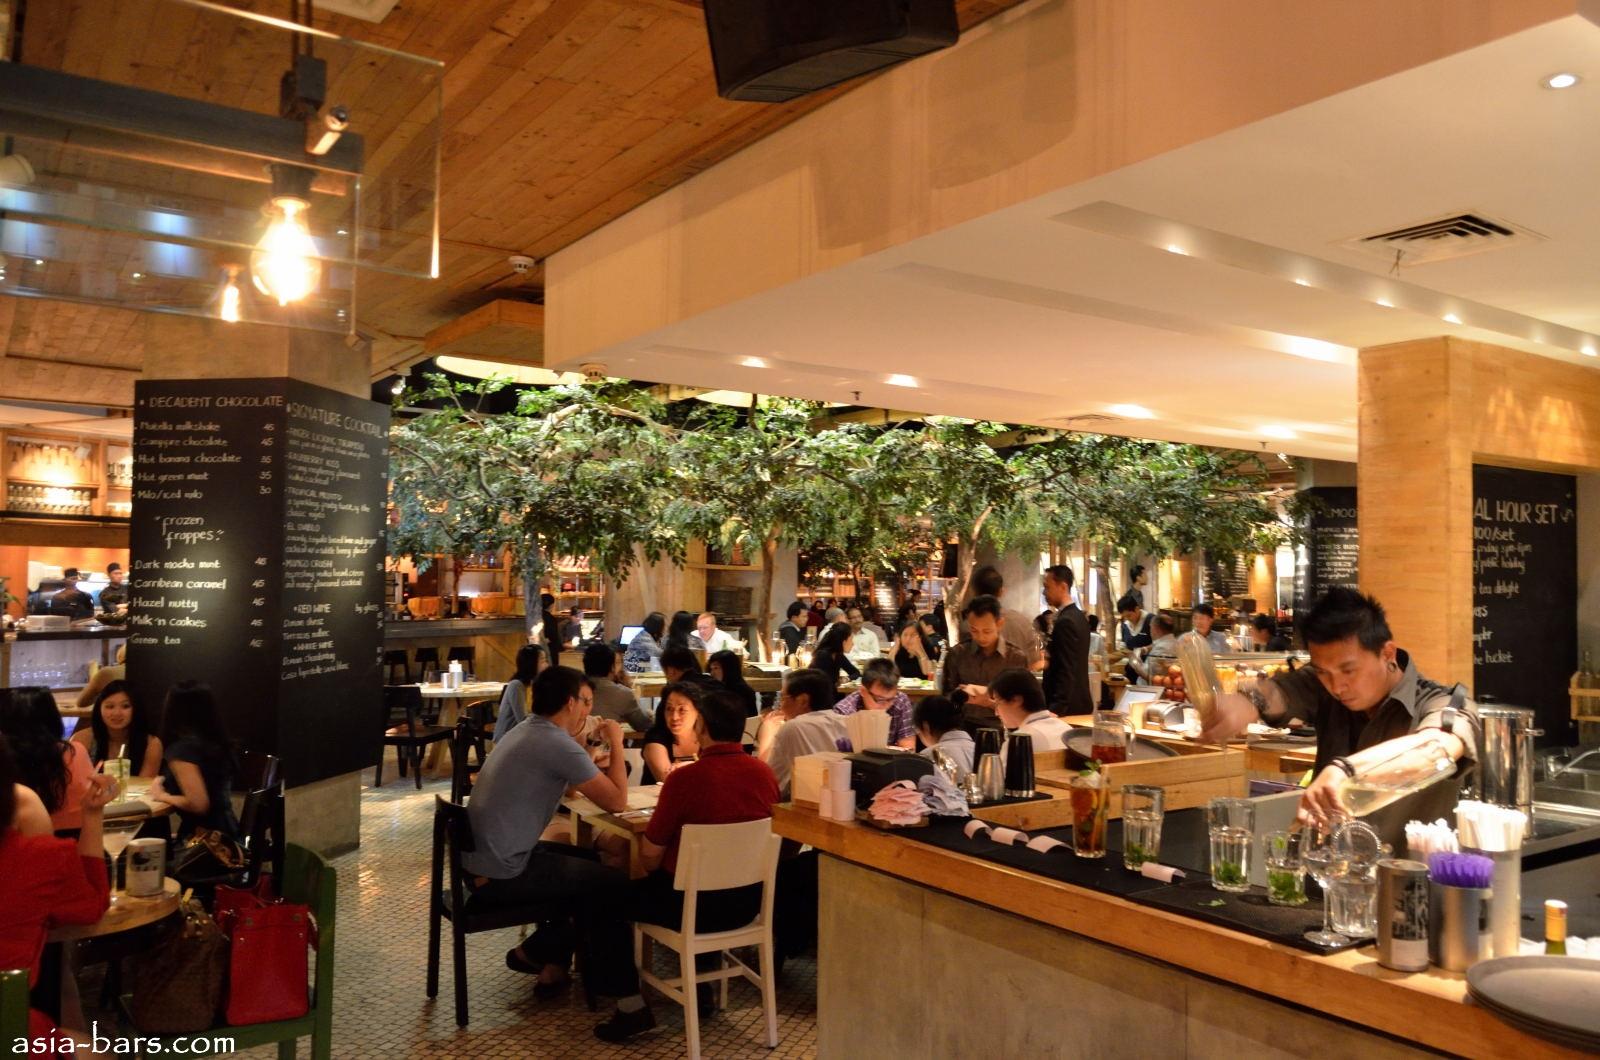 Social house restaurant bar winepost in jakarta for Food bar in restaurant